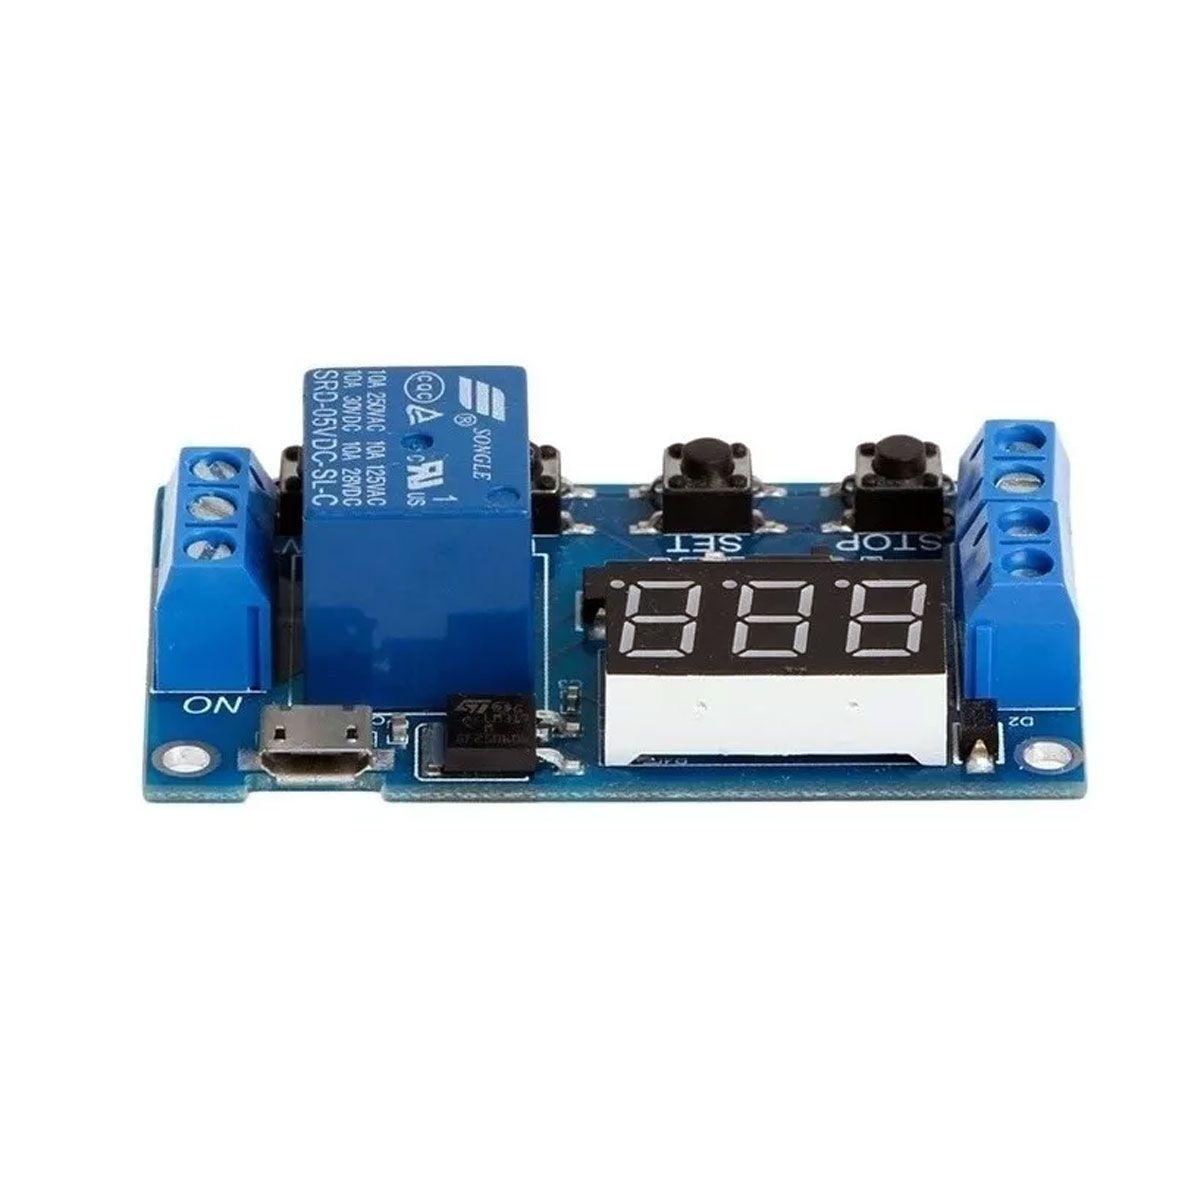 10x Relé Temporizador Digital Ajustável Delay Timer para Chocadeira e Usos em Geral